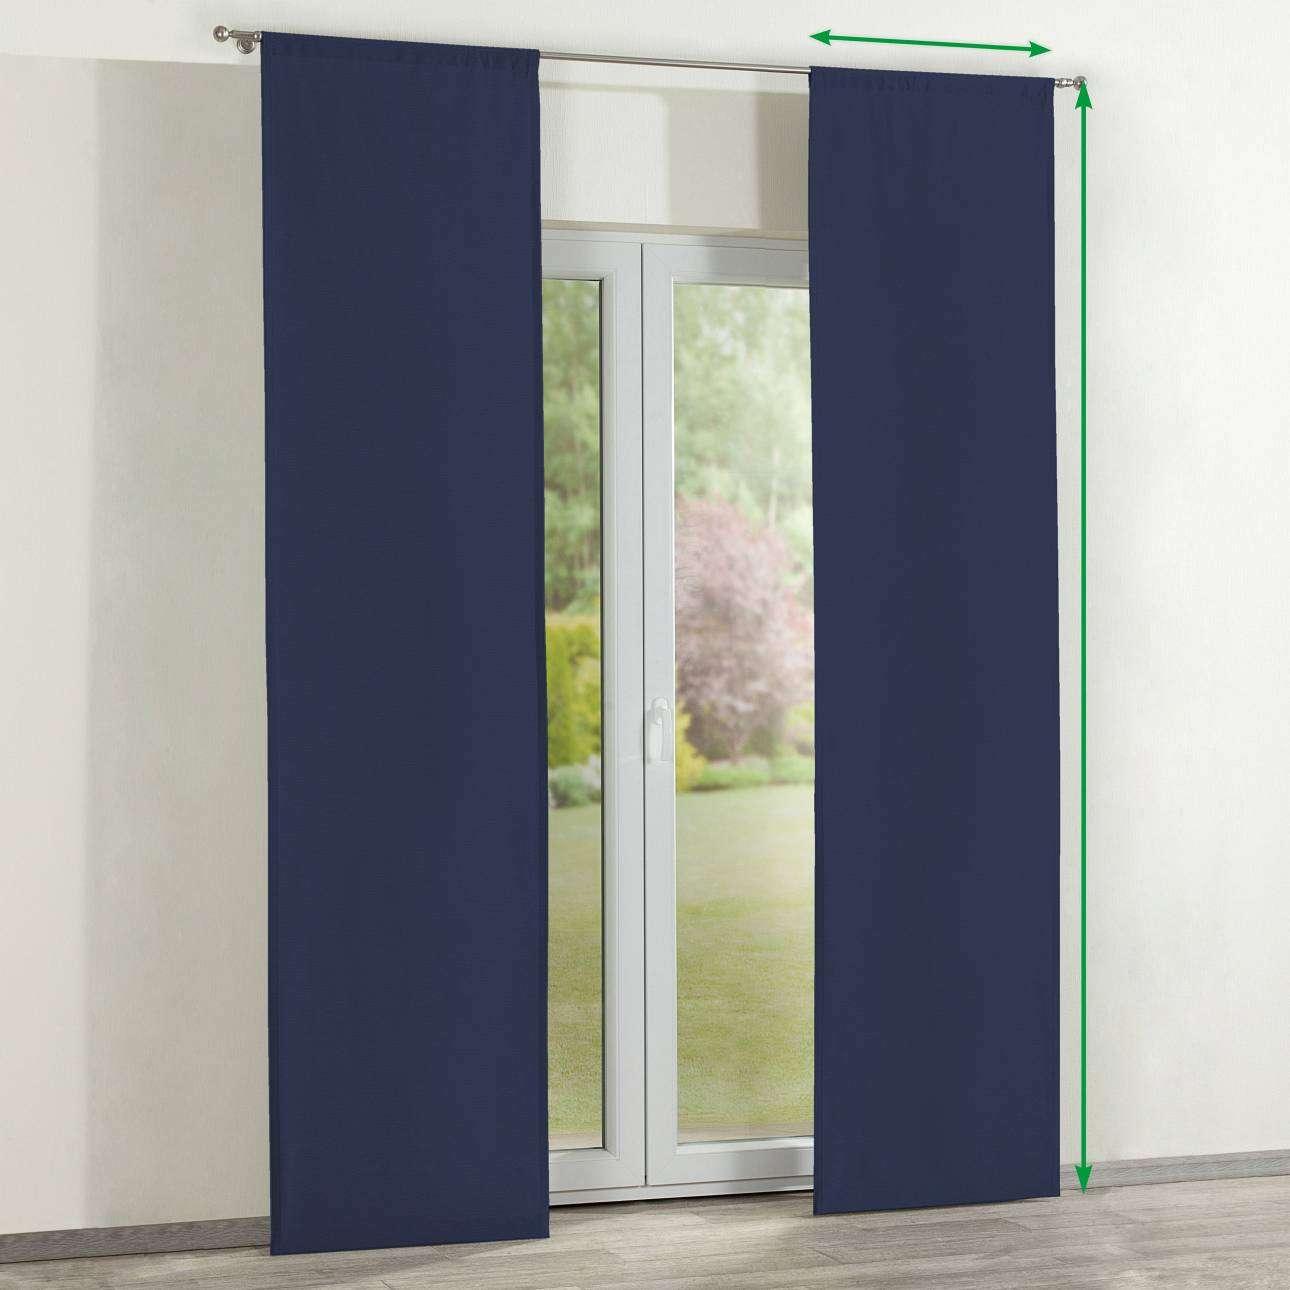 Zasłony panelowe 2 szt. w kolekcji Quadro, tkanina: 136-04